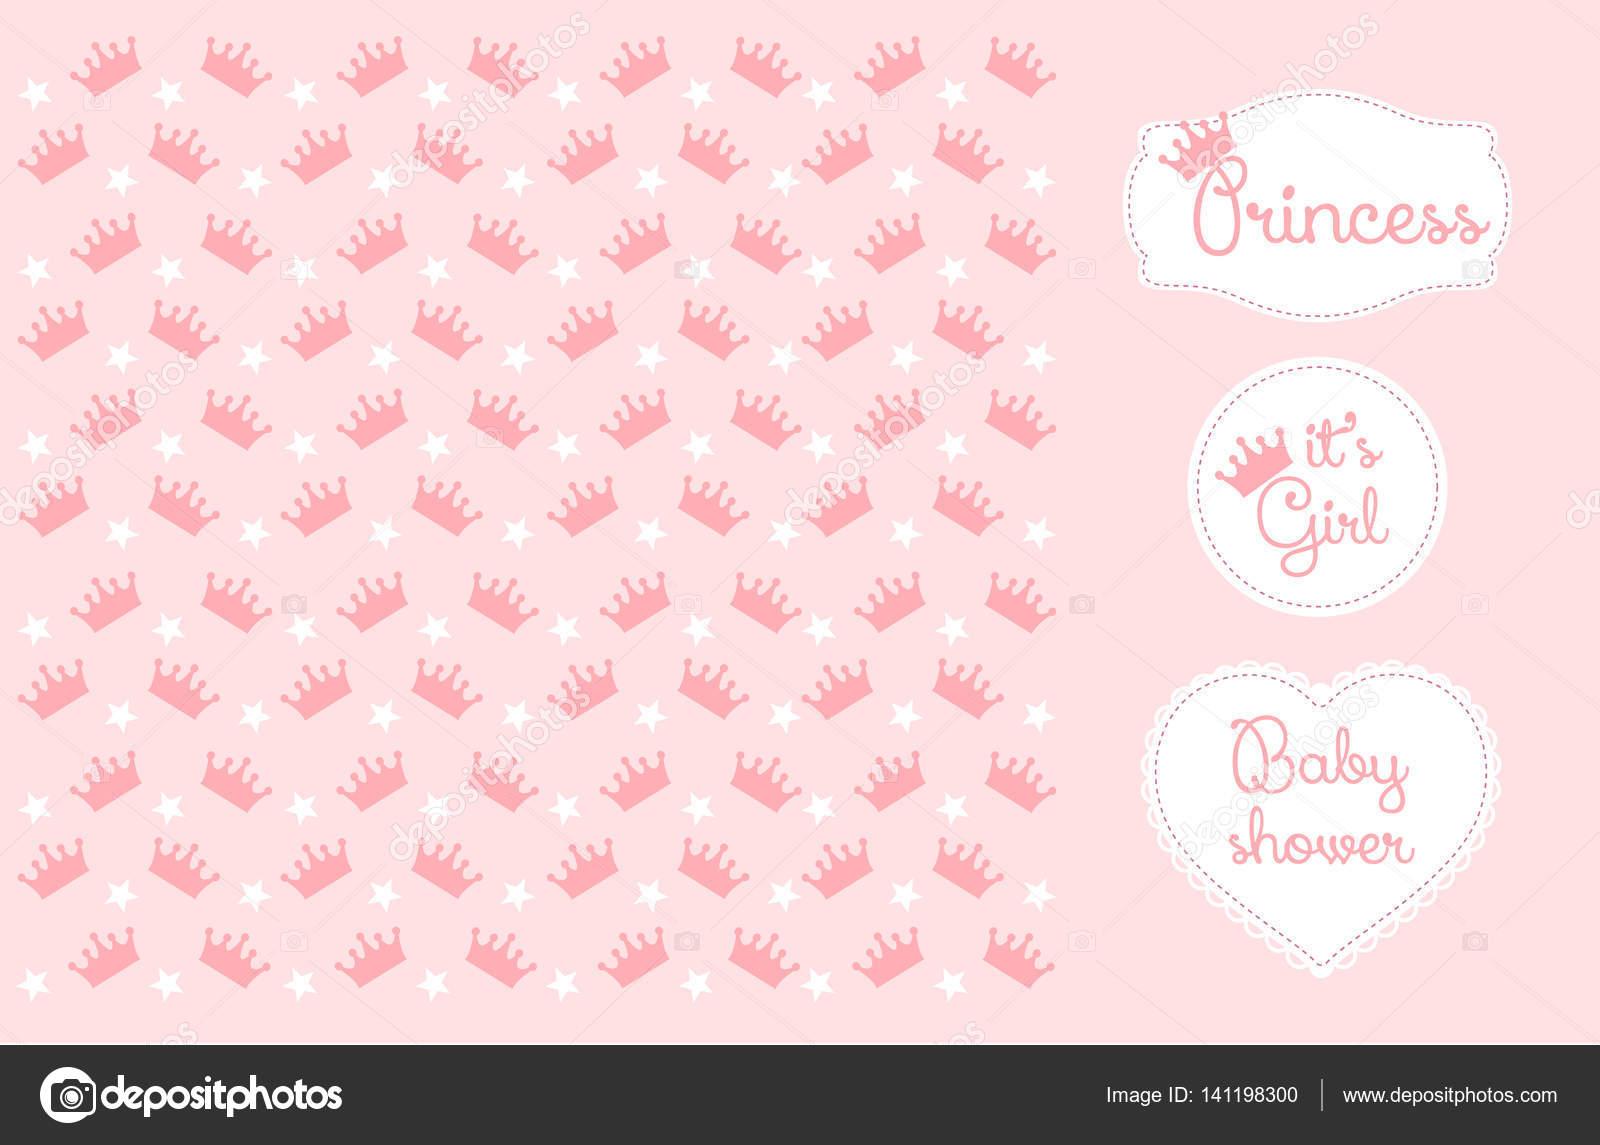 Coroa De Princesa Desenho: Ilustração Em Vetor Fundo De Coroa De Princesa Rosa